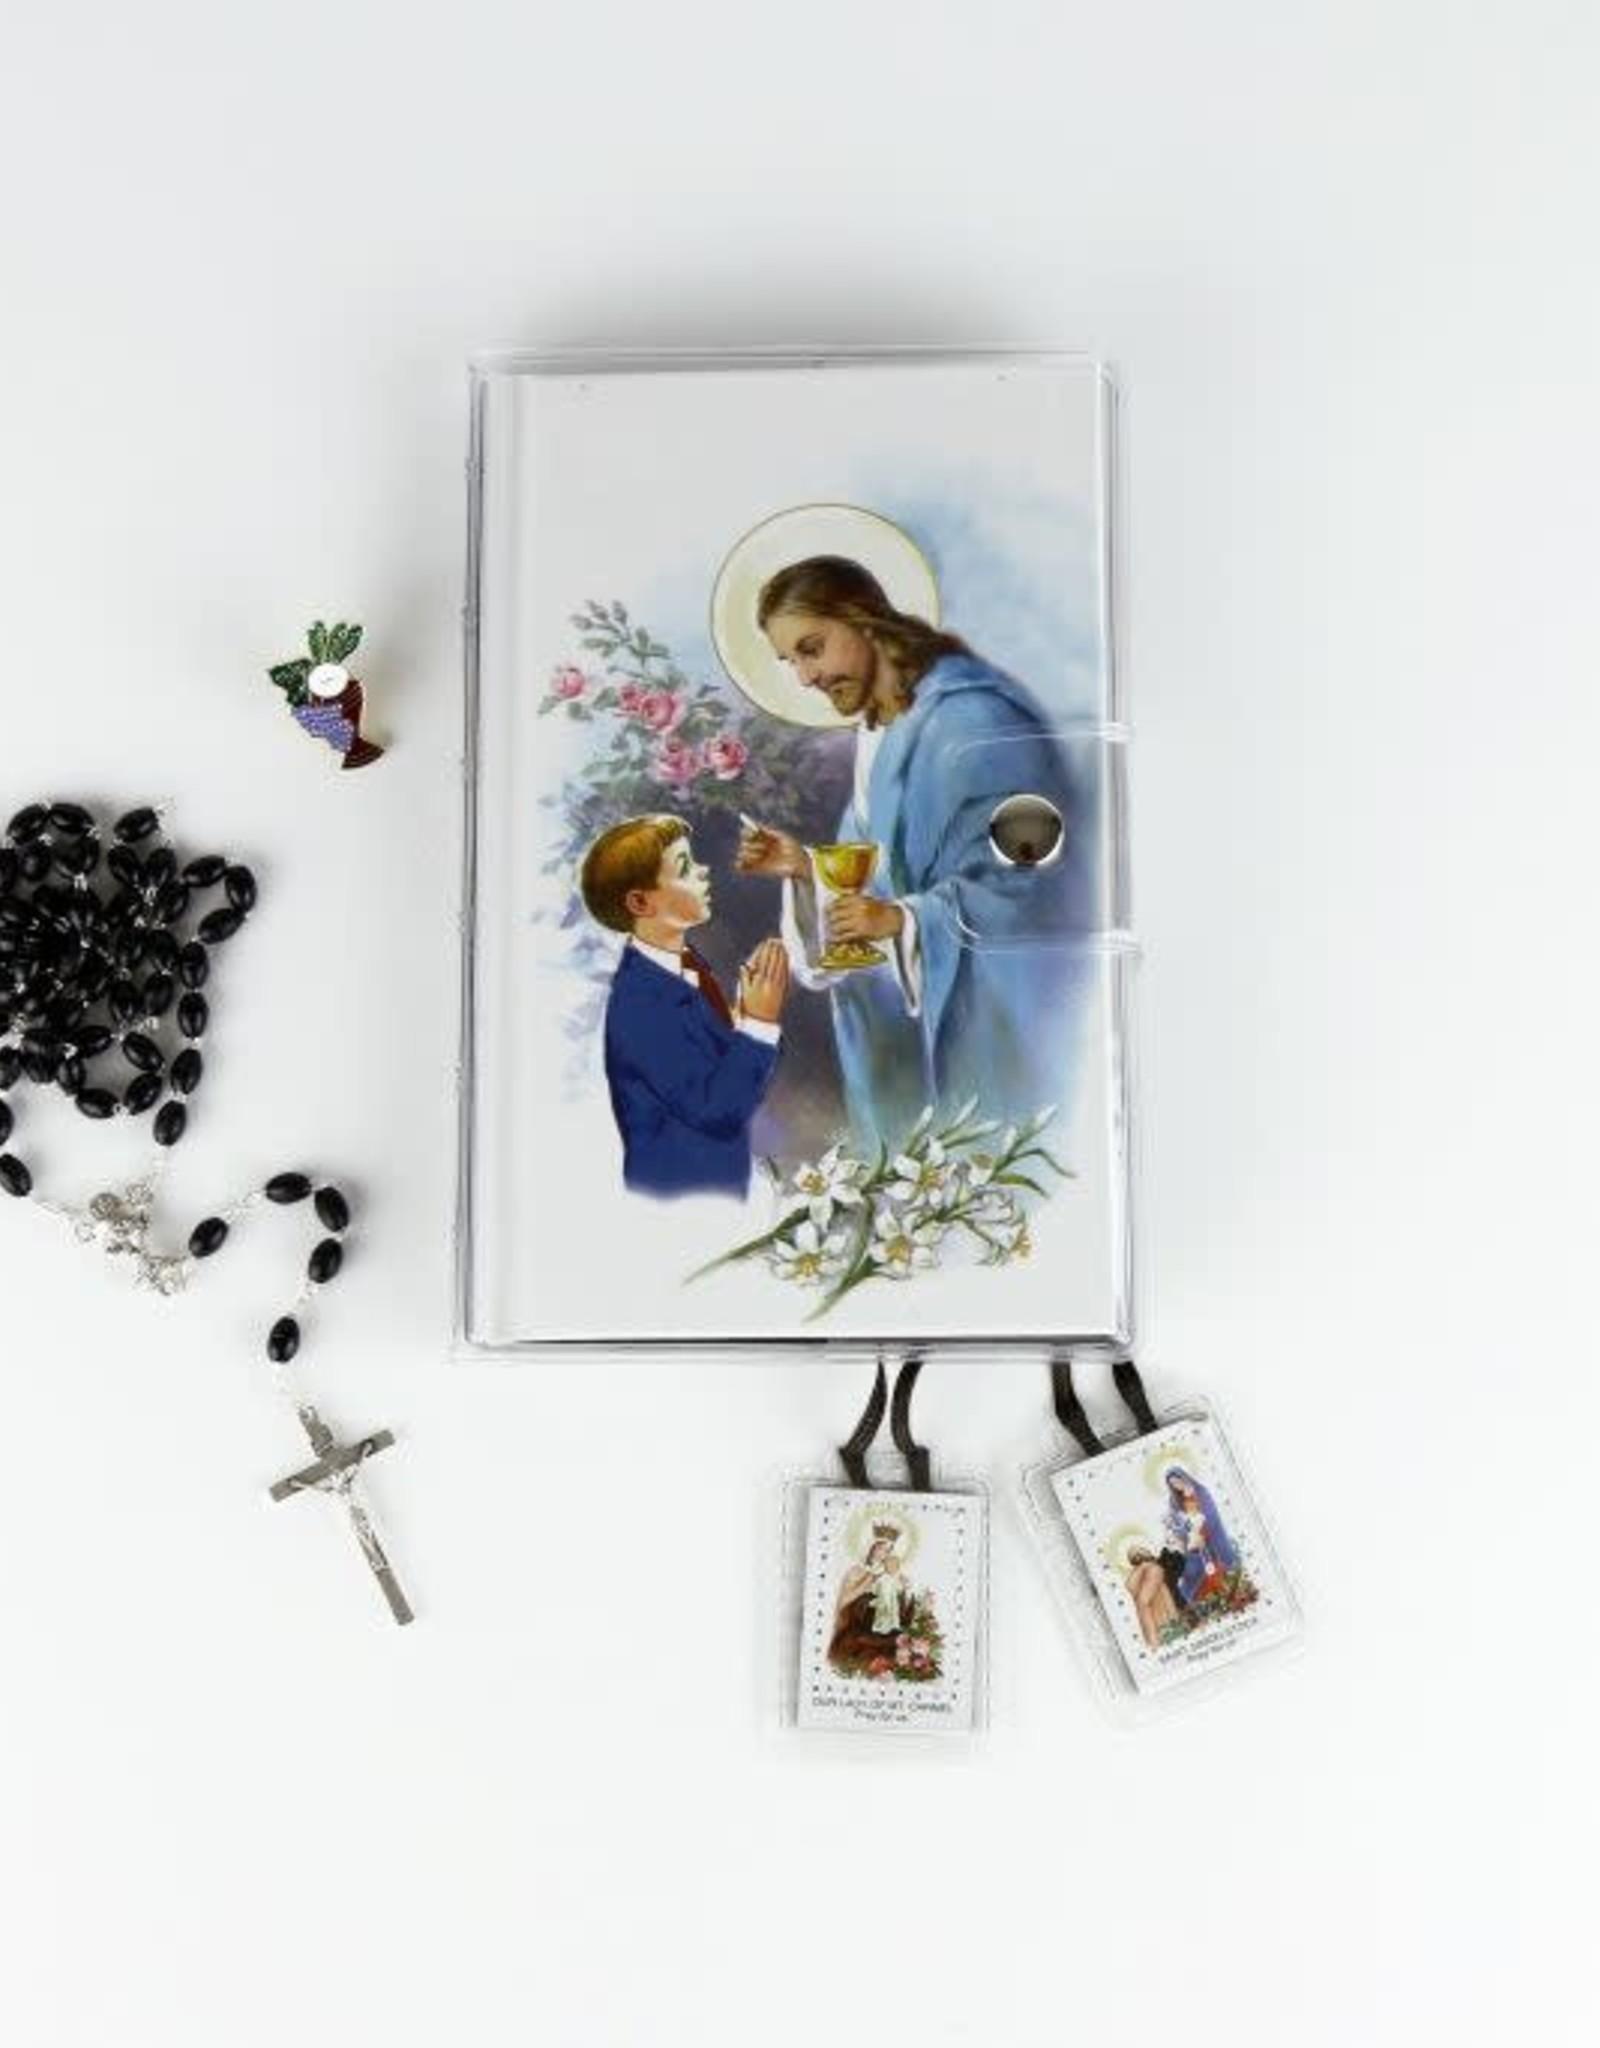 Ensemble First Communion, boy (Anglais)...First Mass Book